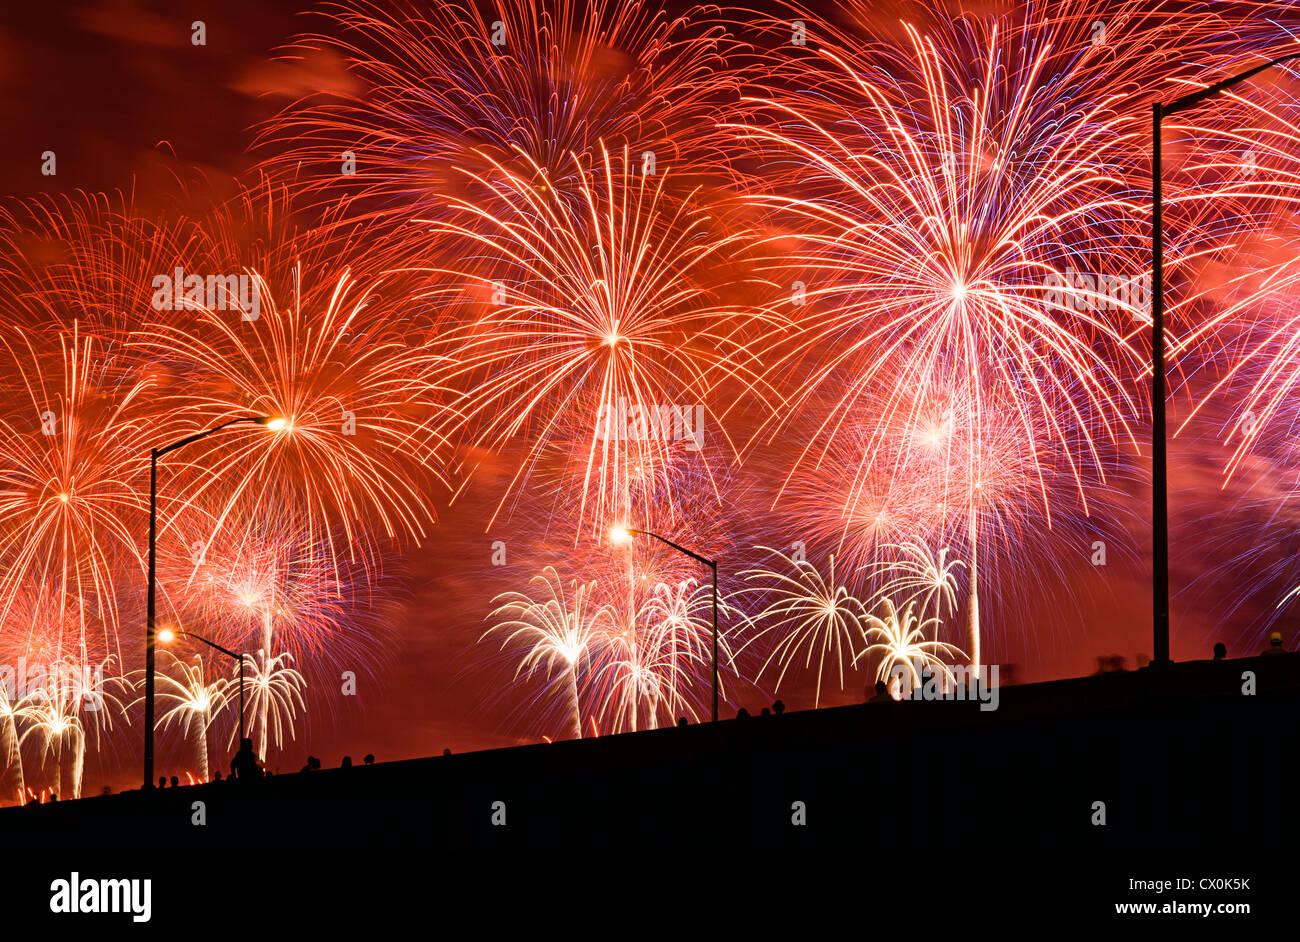 Die Menschen sehen Fourth Of July Feuerwerk von erhöhten Überführung. Stockbild